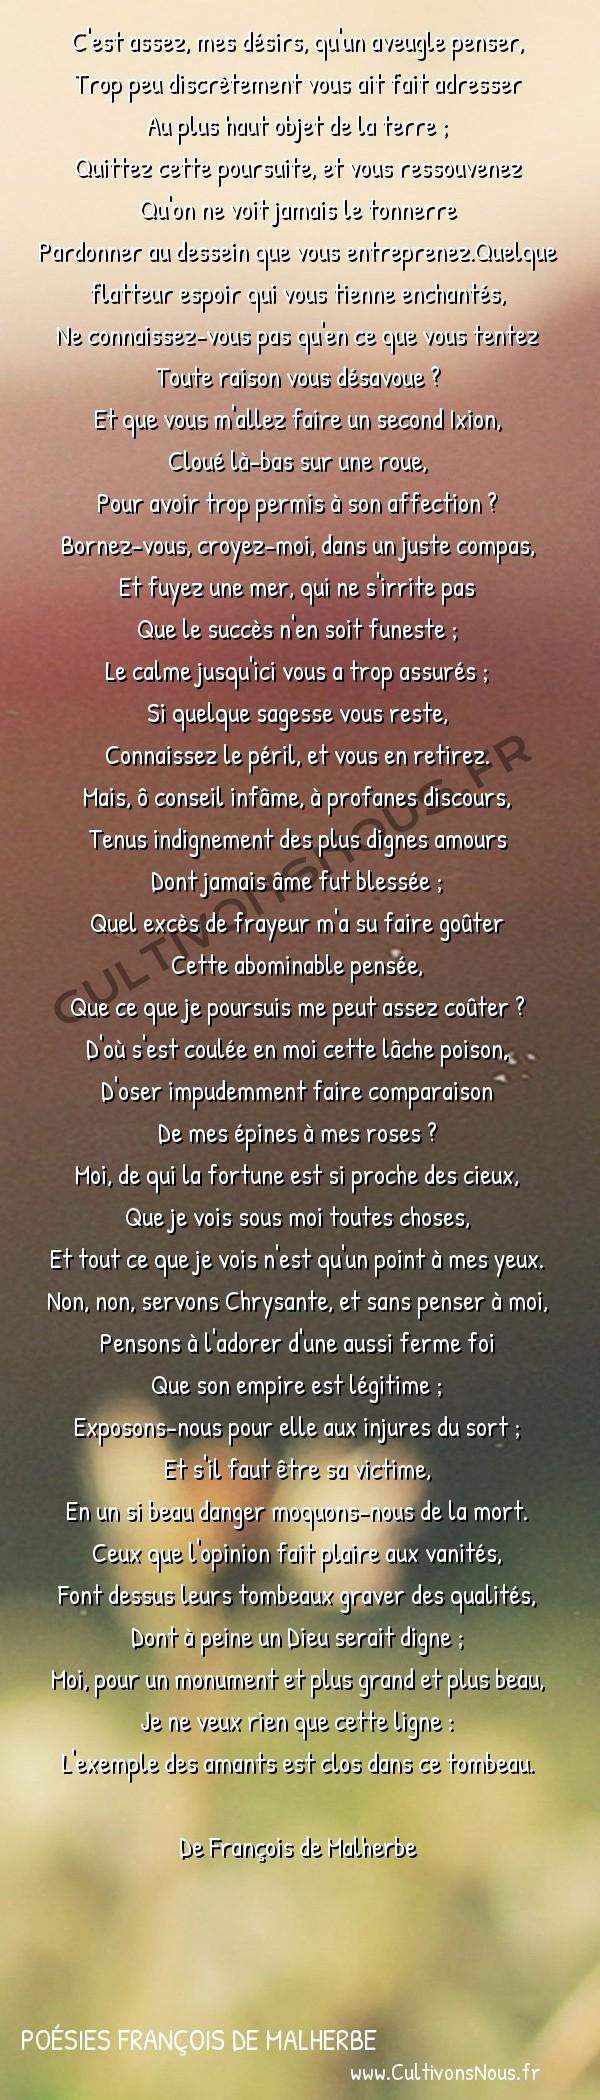 Poésies François de Malherbe - Poèmes - C'est assez mes désirs … -  C'est assez, mes désirs, qu'un aveugle penser, Trop peu discrètement vous ait fait adresser